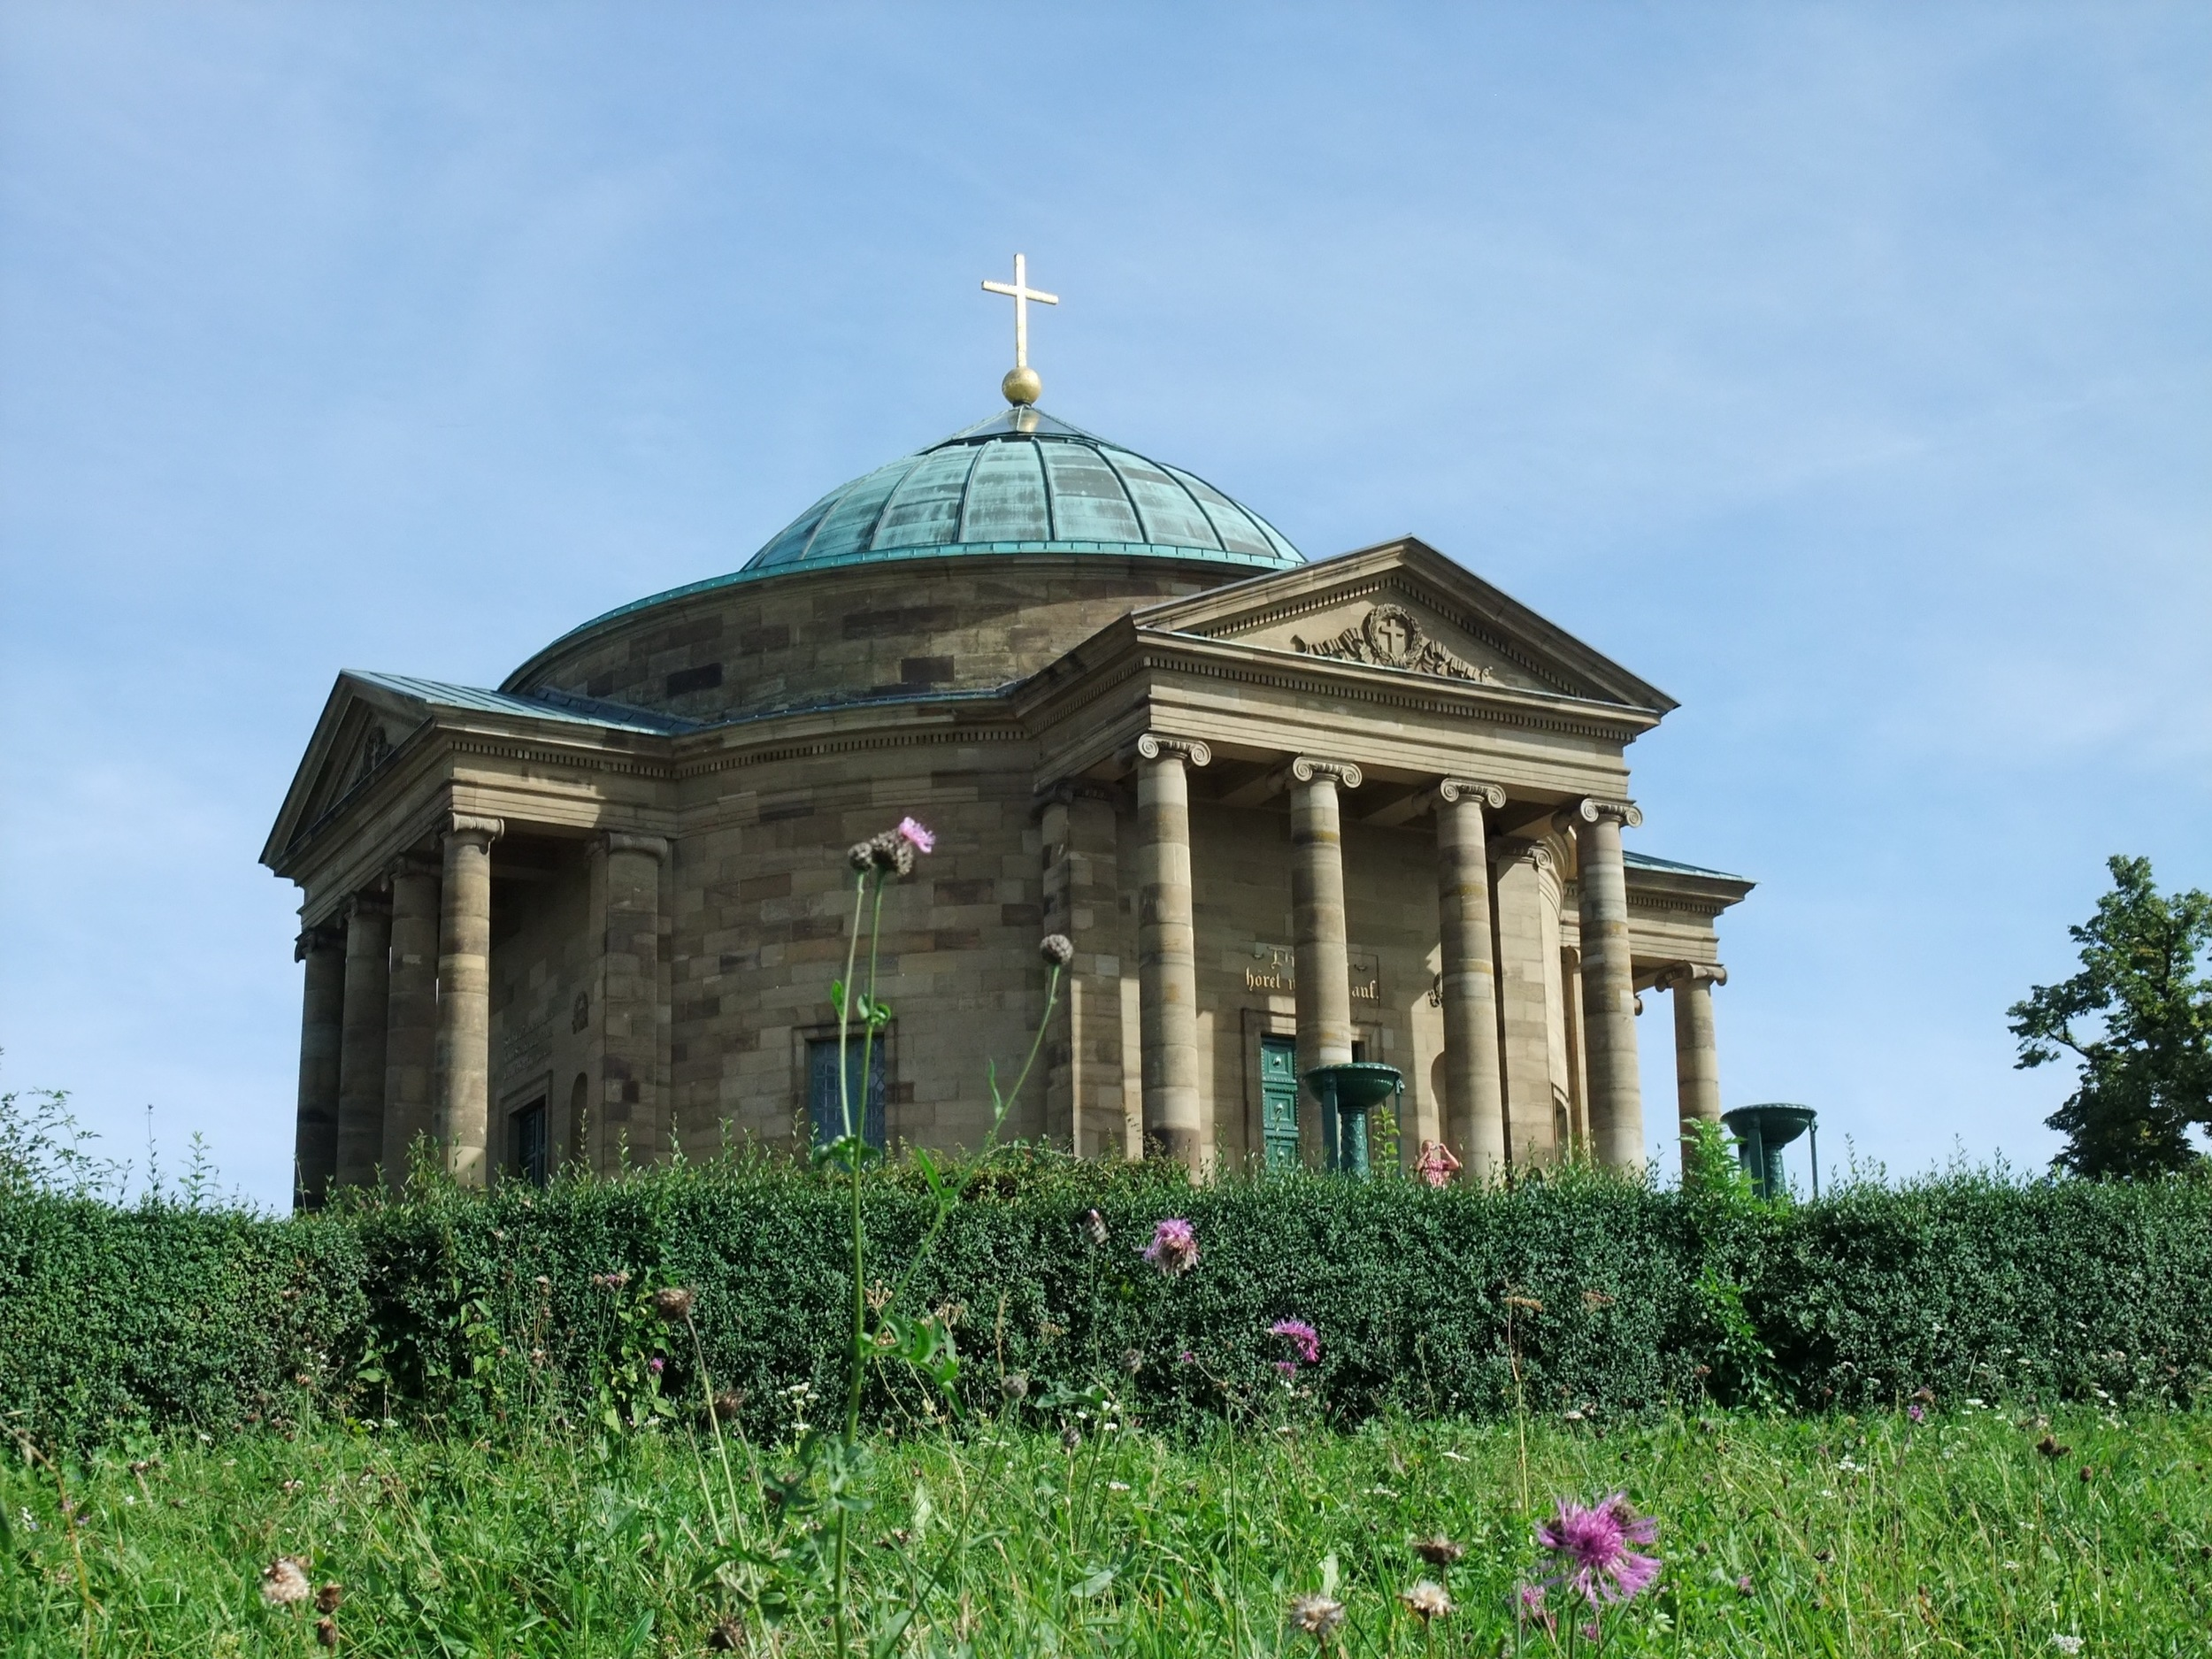 The Grabkapelle